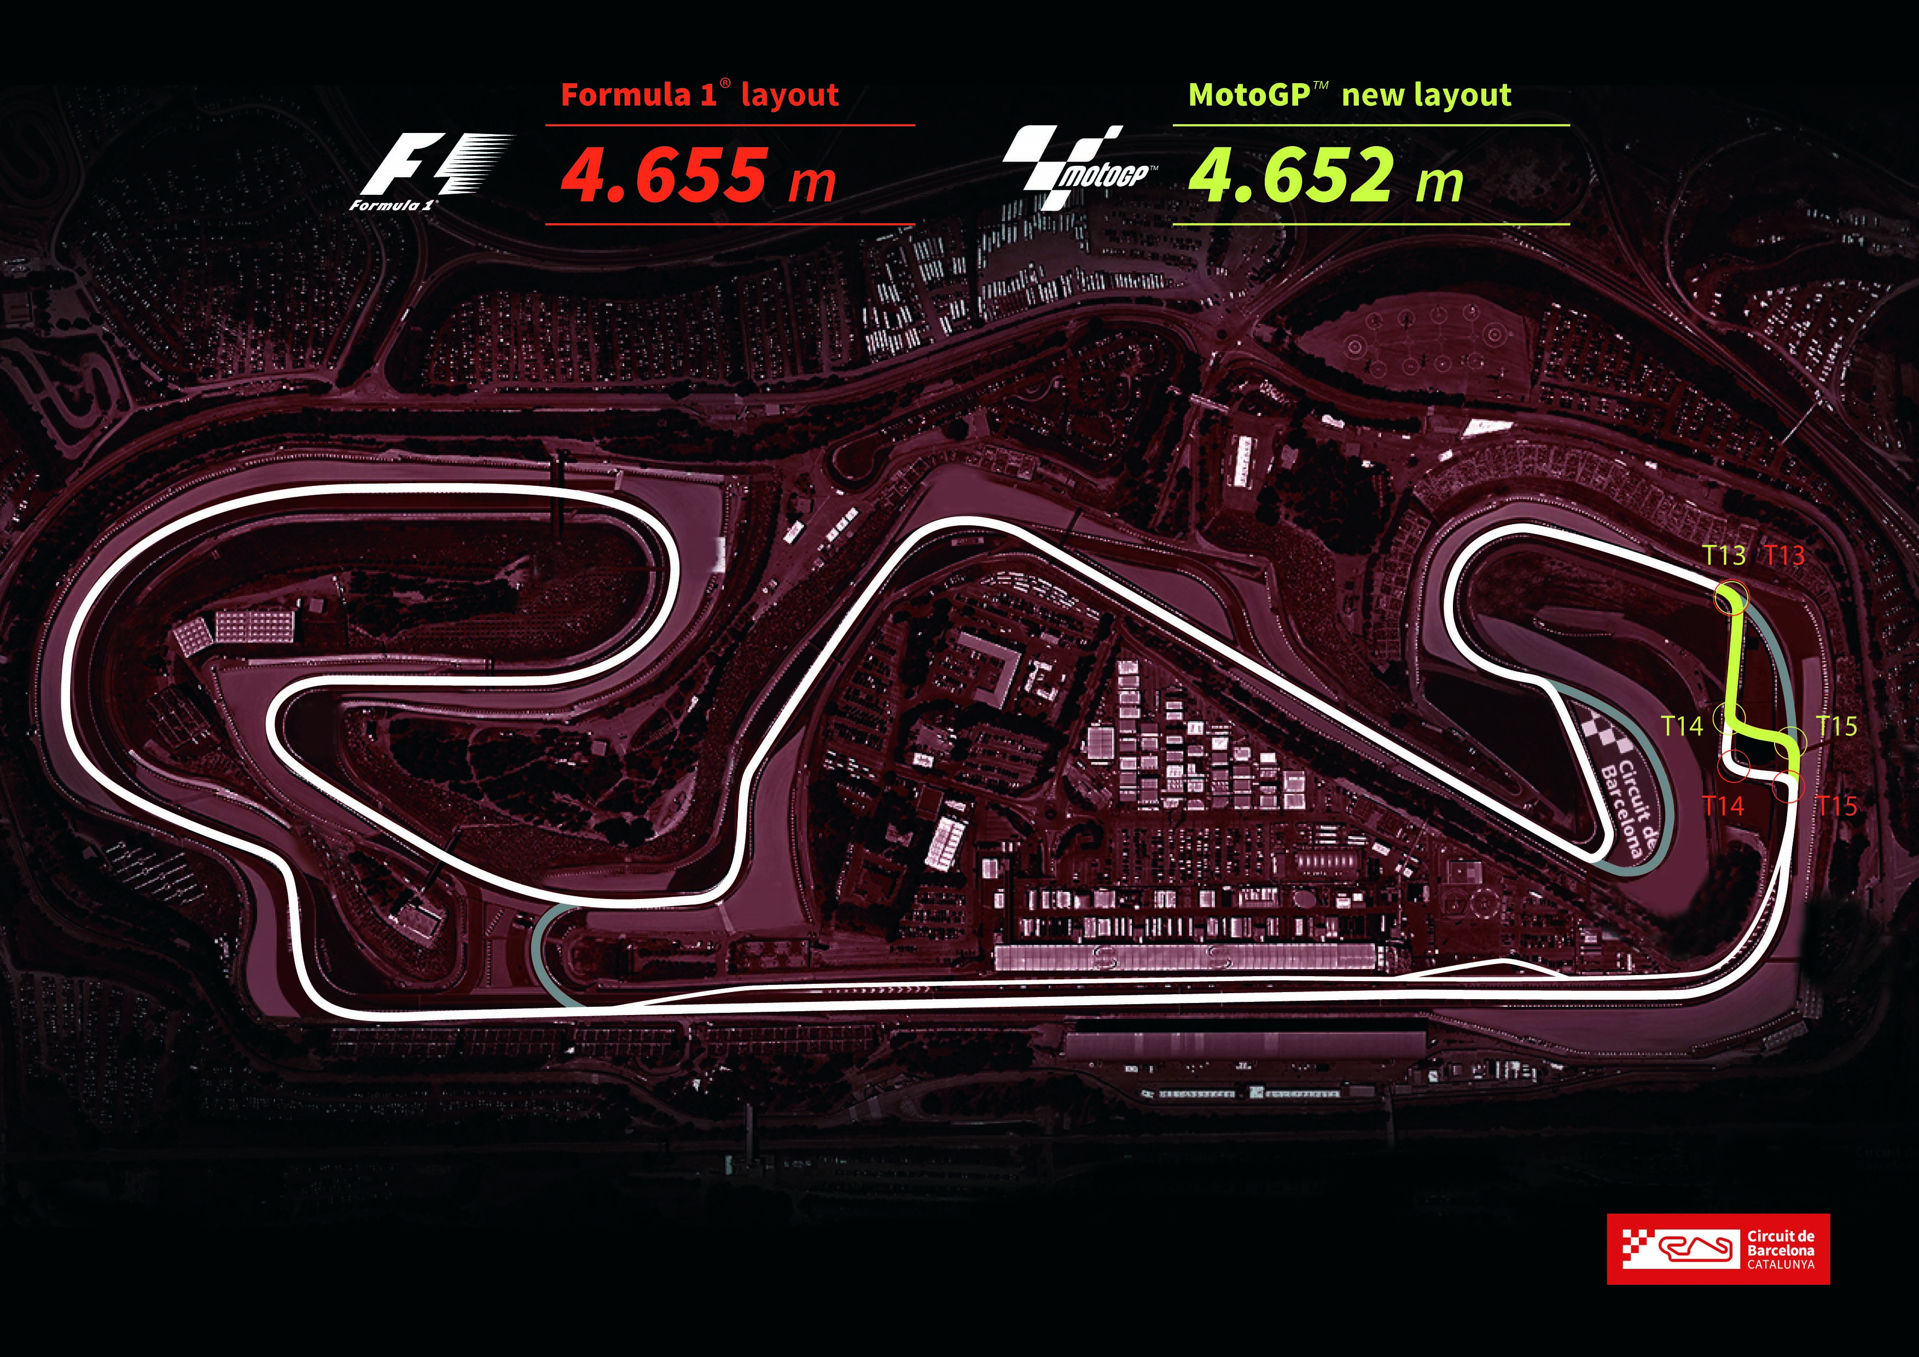 Circuit de Catalunya, Modificación MotoGp